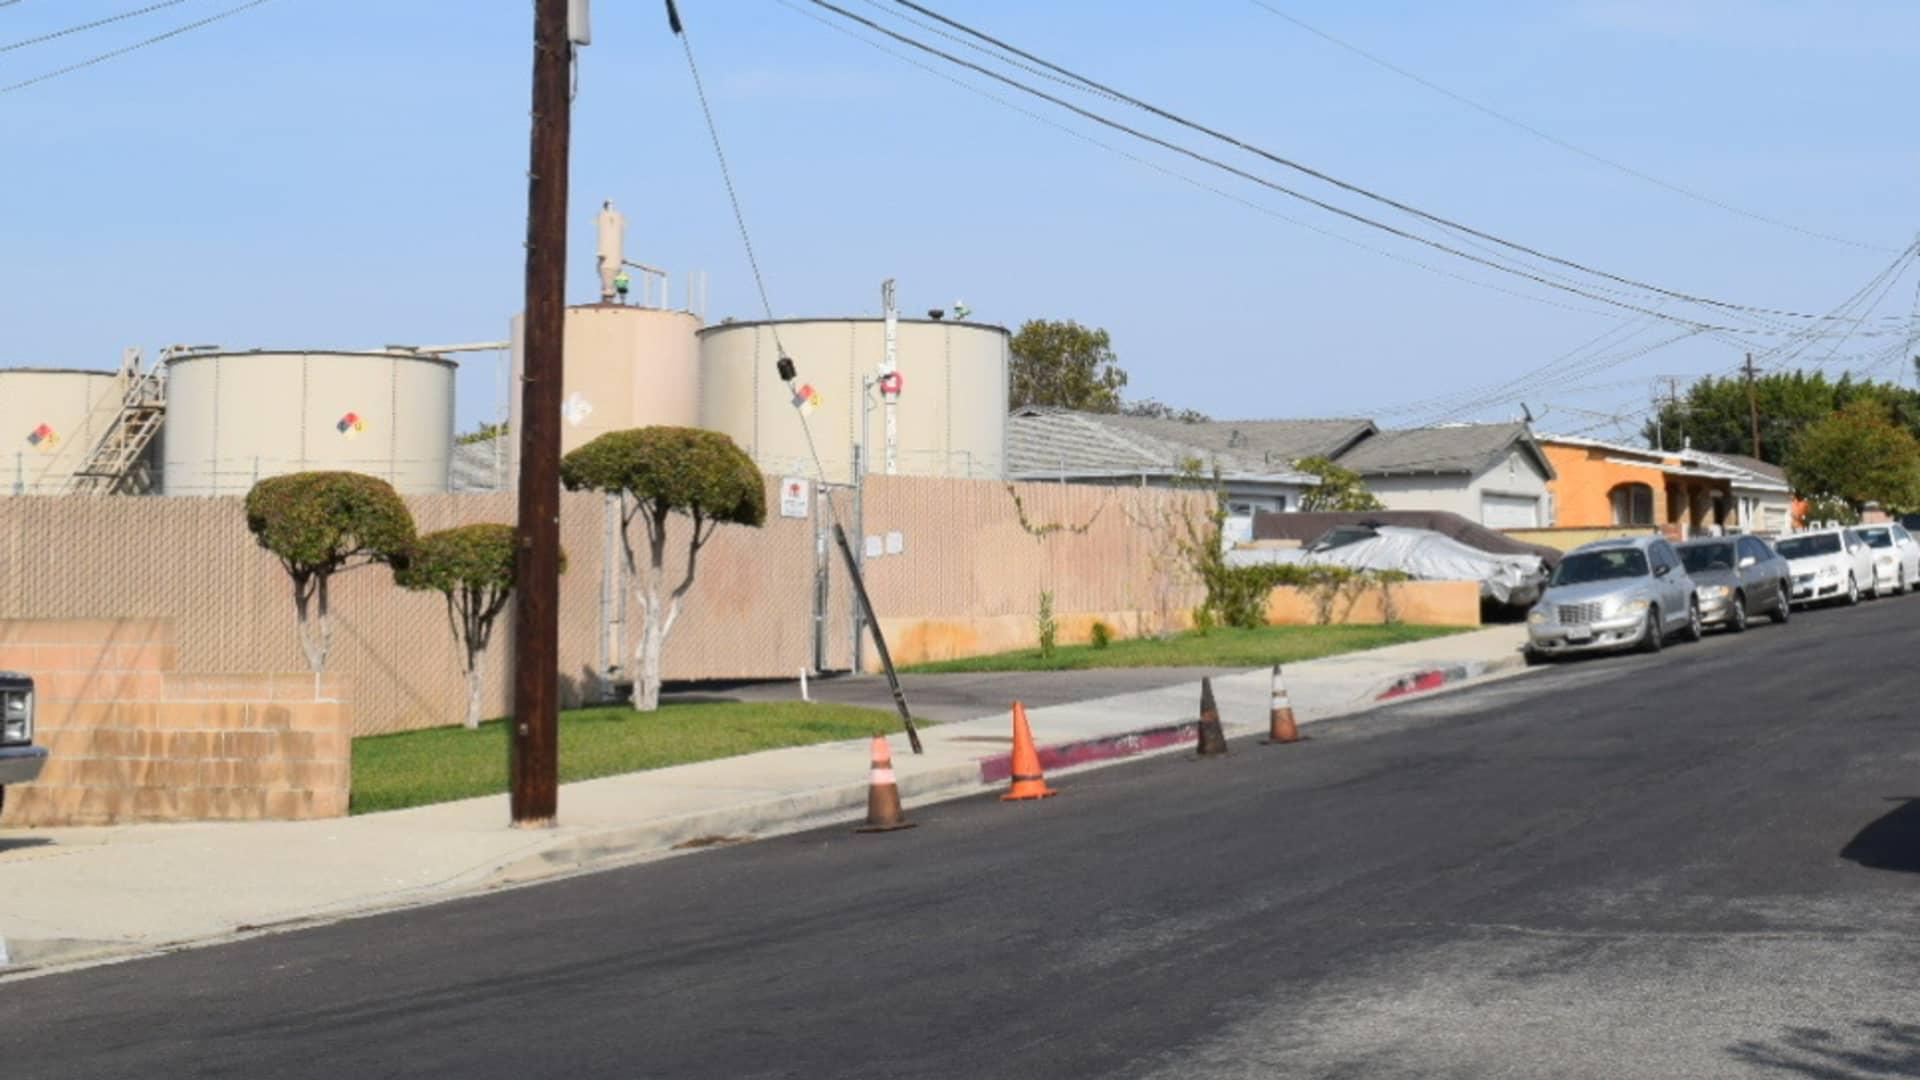 Oil tanks wedged between homes in the Wilmington neighborhood of Los Angeles.